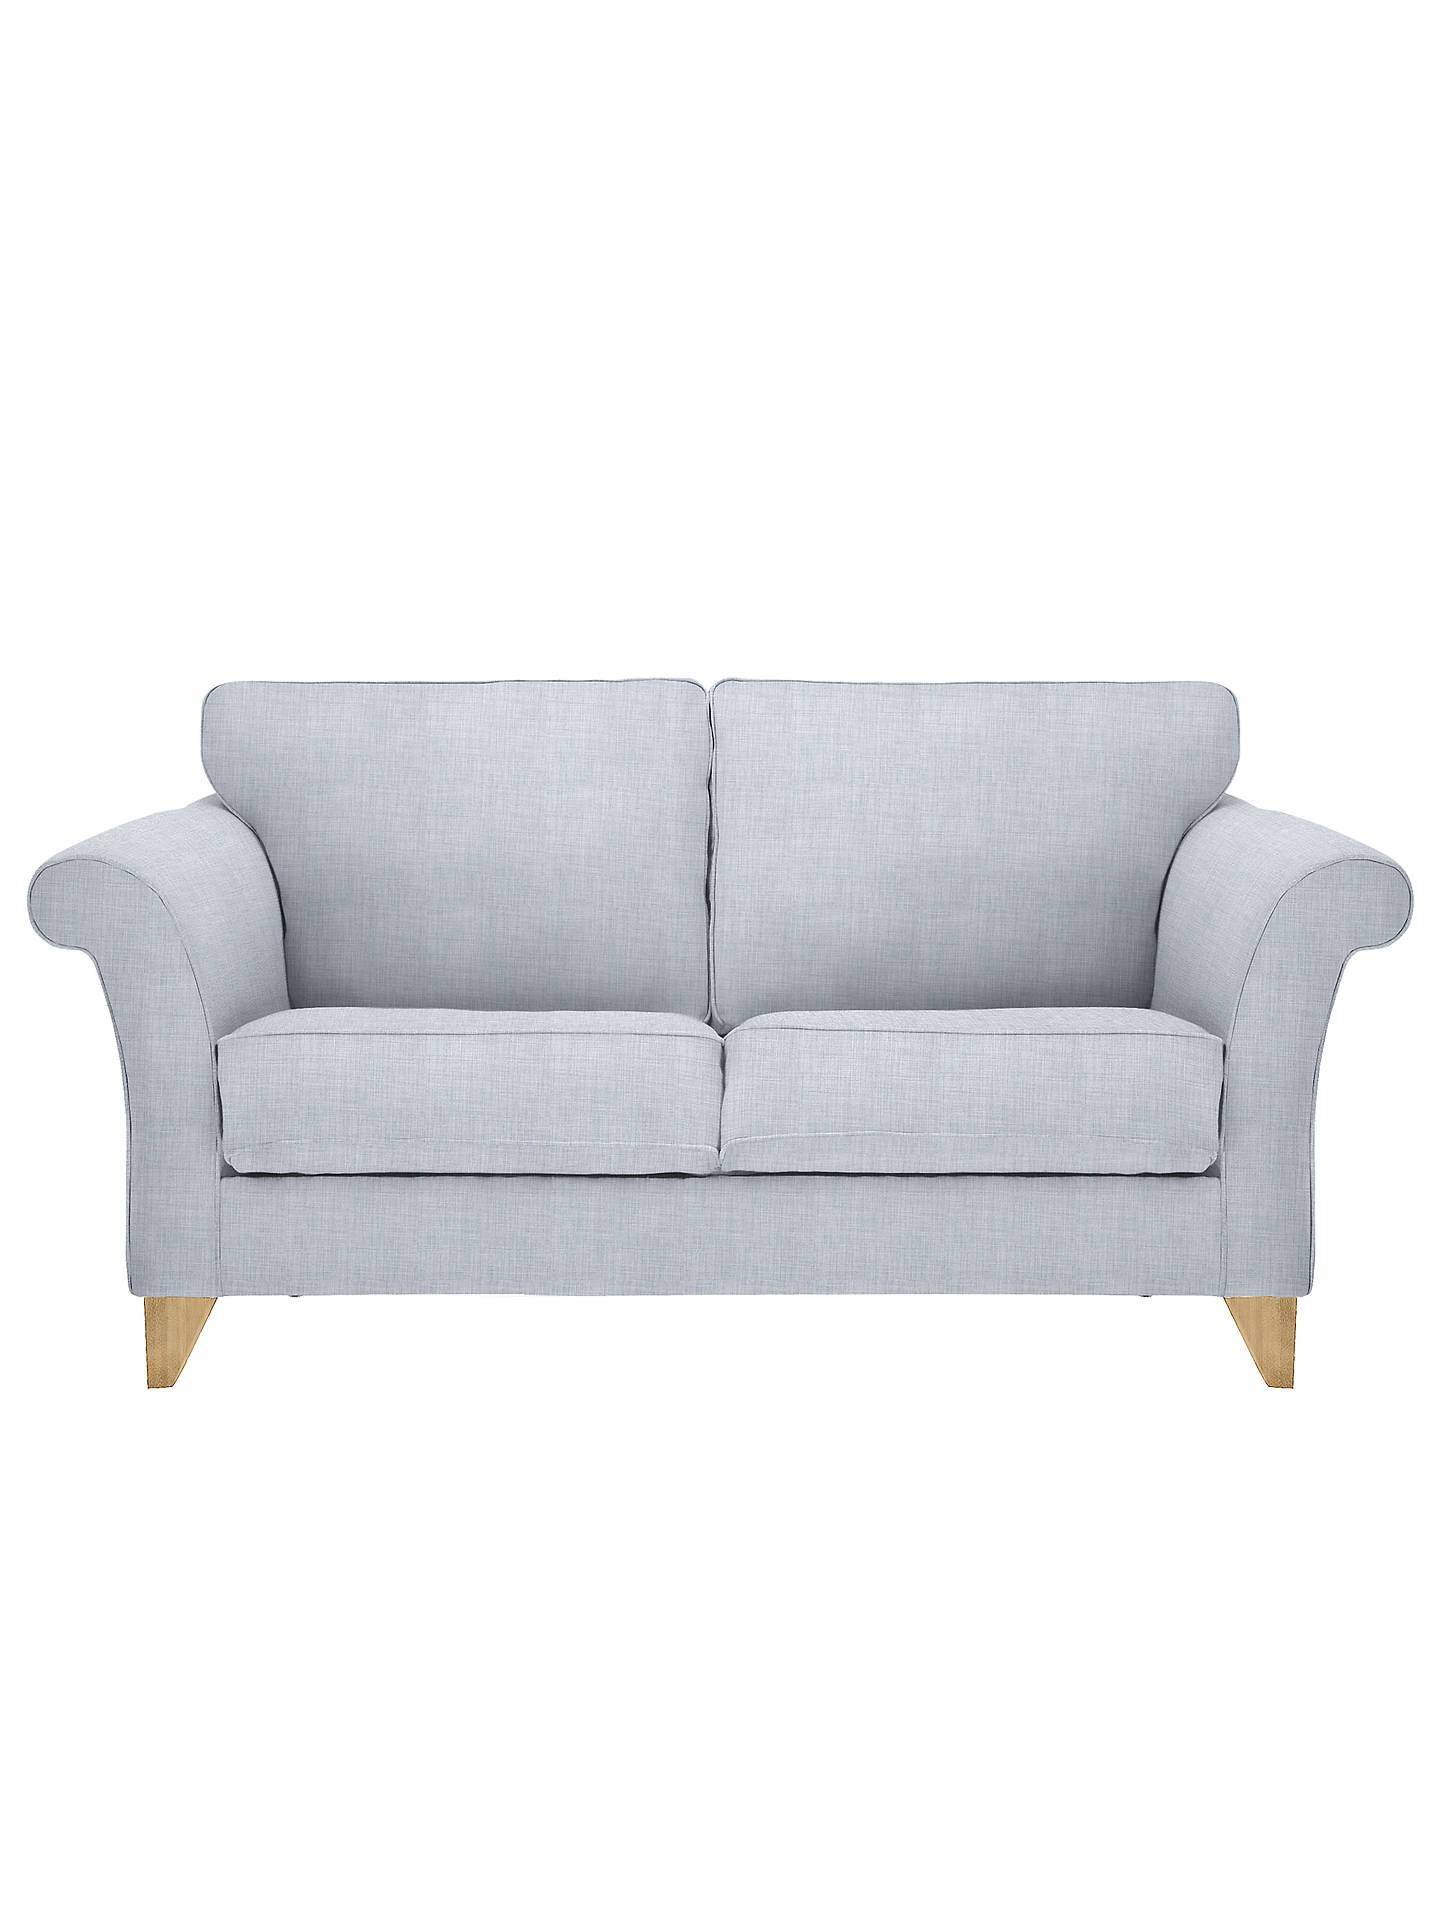 John Lewis Charlotte Medium 2 Seater Sofa Light Leg Fraser Duck